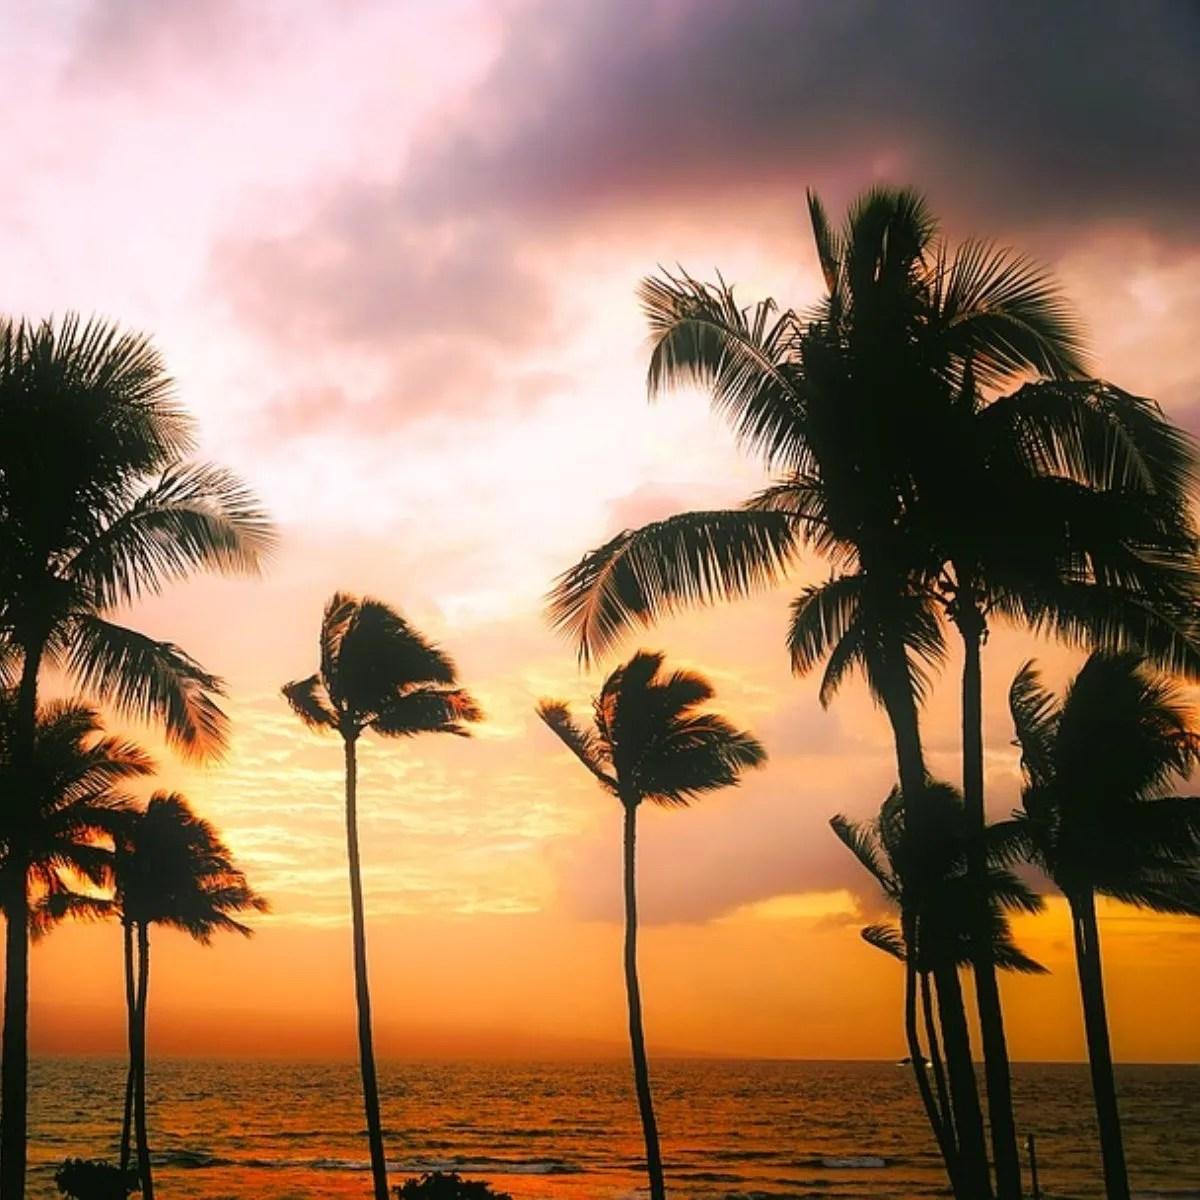 Sunset Cruise In Waikiki